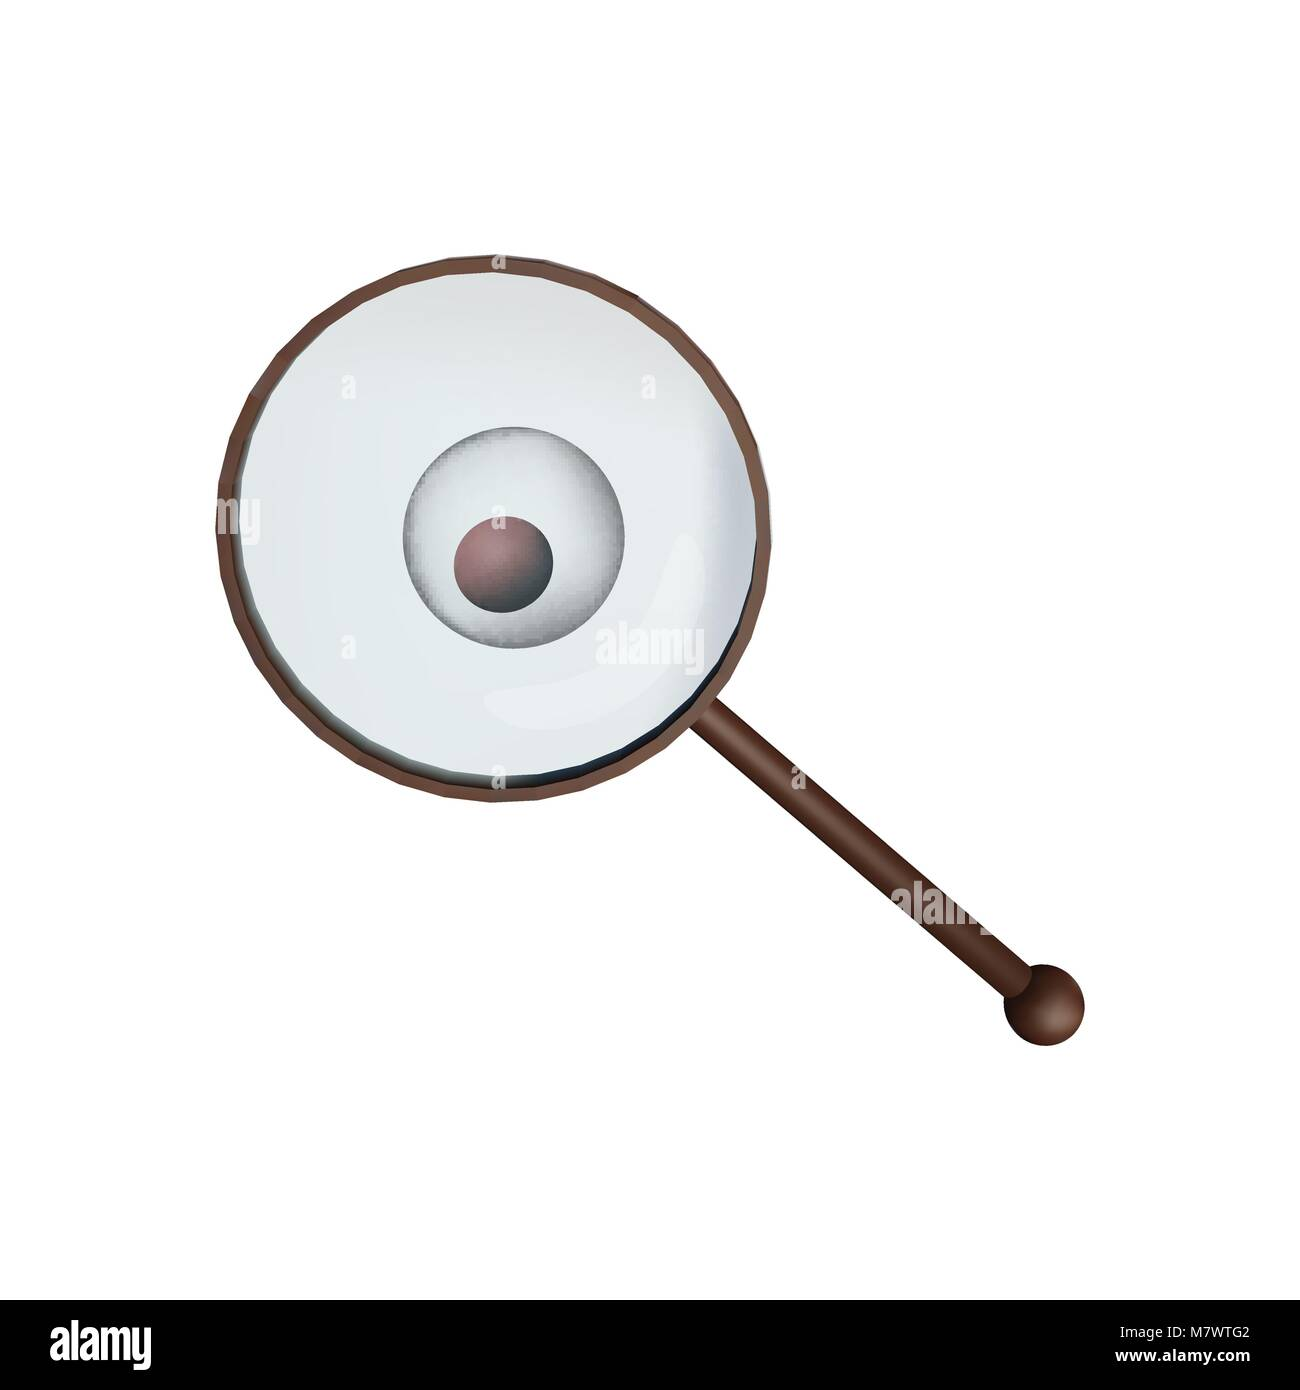 96dd3a0eaf L'immagine di uno zigote sotto una lente di ingrandimento. Microbiologia  illustrazione vettoriale. Medicina e prove scientifiche.